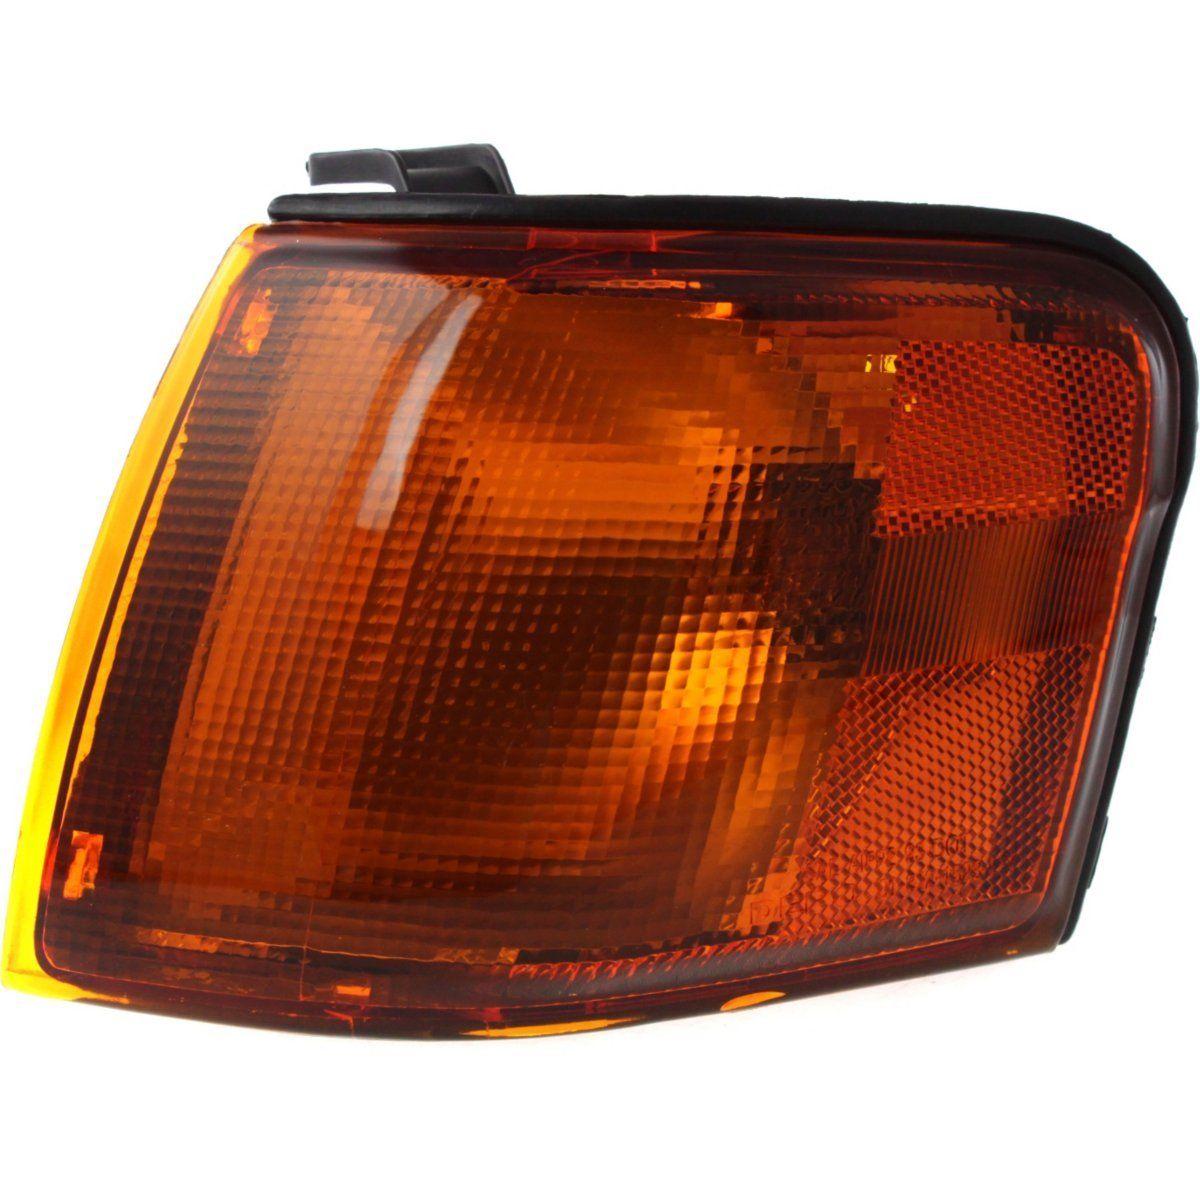 車用品・バイク用品 >> 車用品 >> パーツ >> ライト・ランプ >> その他 コーナーライト Corner Light For 95-97 Toyota Tercel Driver Side w/ Bulb コーナーライト95-97用トヨタテルセルドライバーサイドランプ付